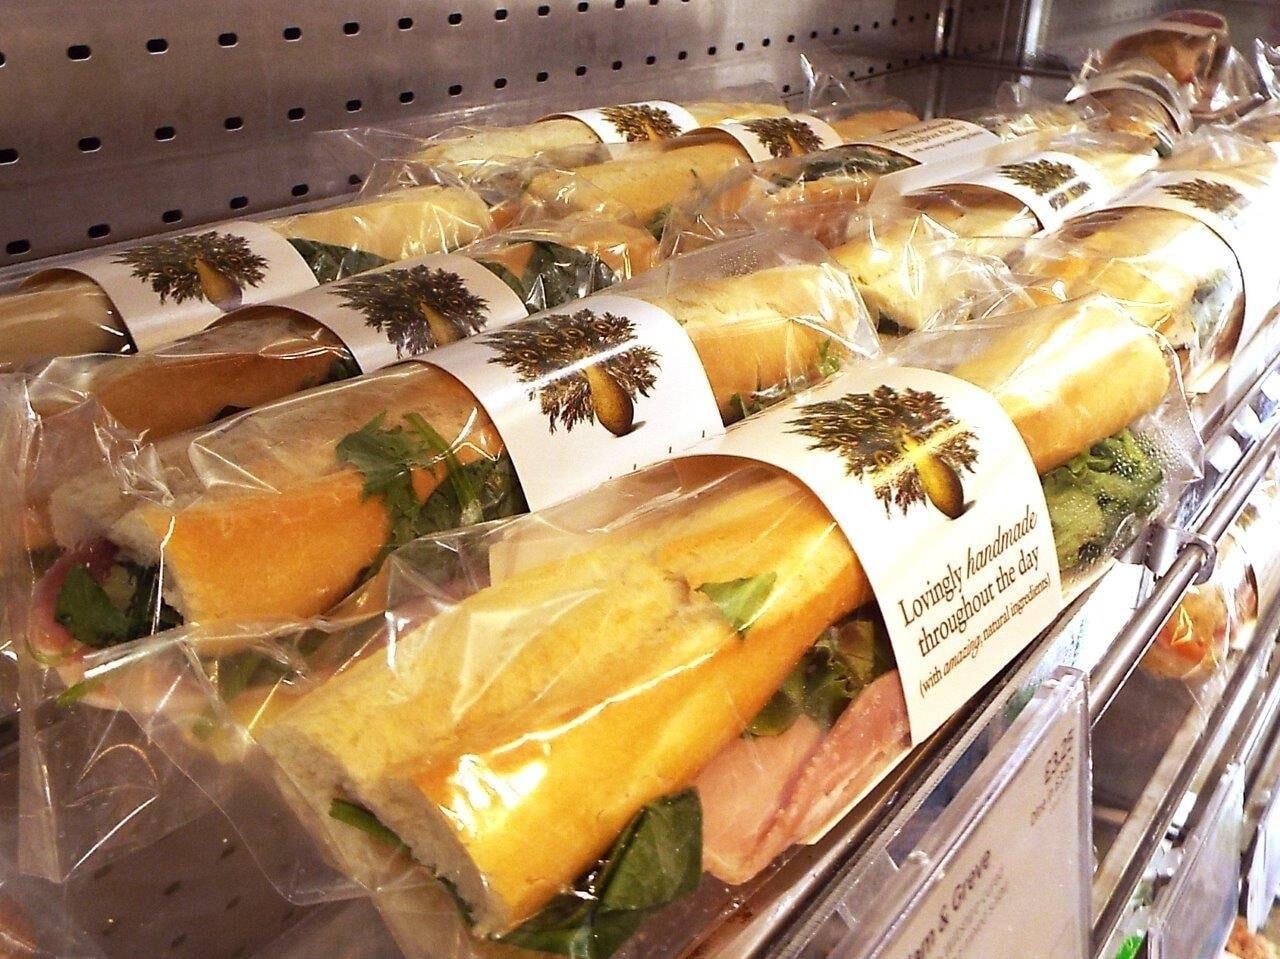 Pret a manger baguettes/ toasties. Monday 8.00pm until 8.15pm.